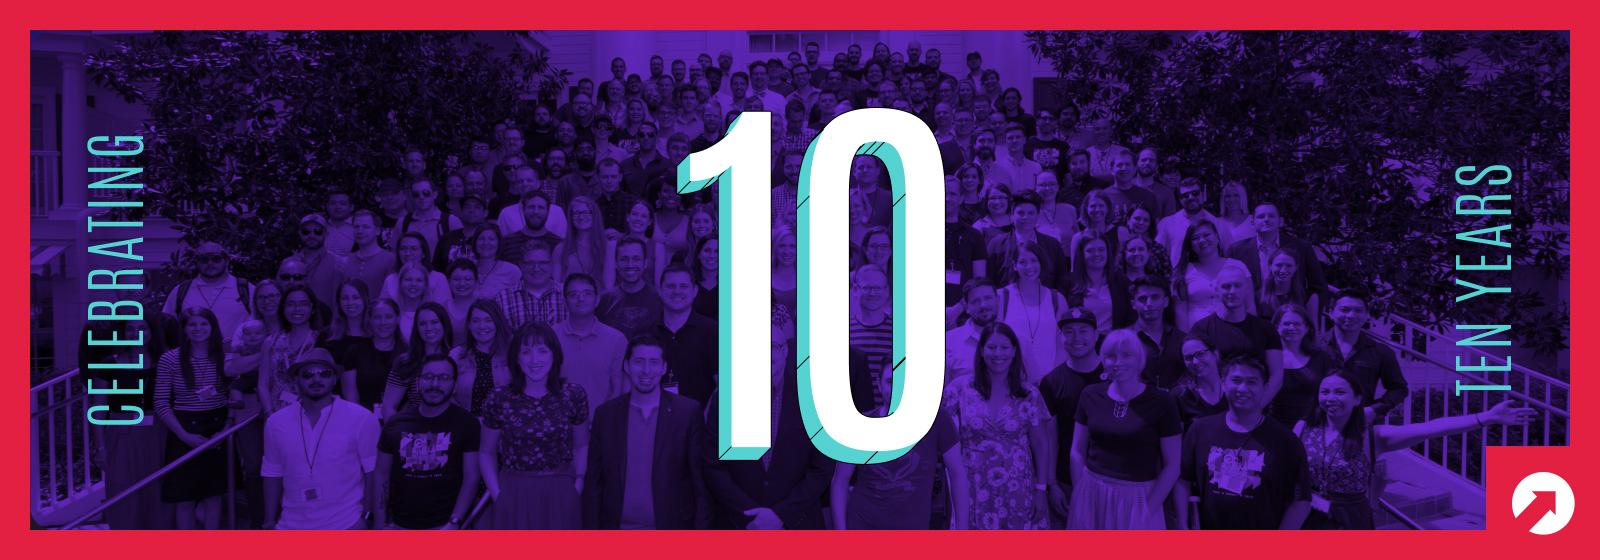 10up 10 Year Anniversary